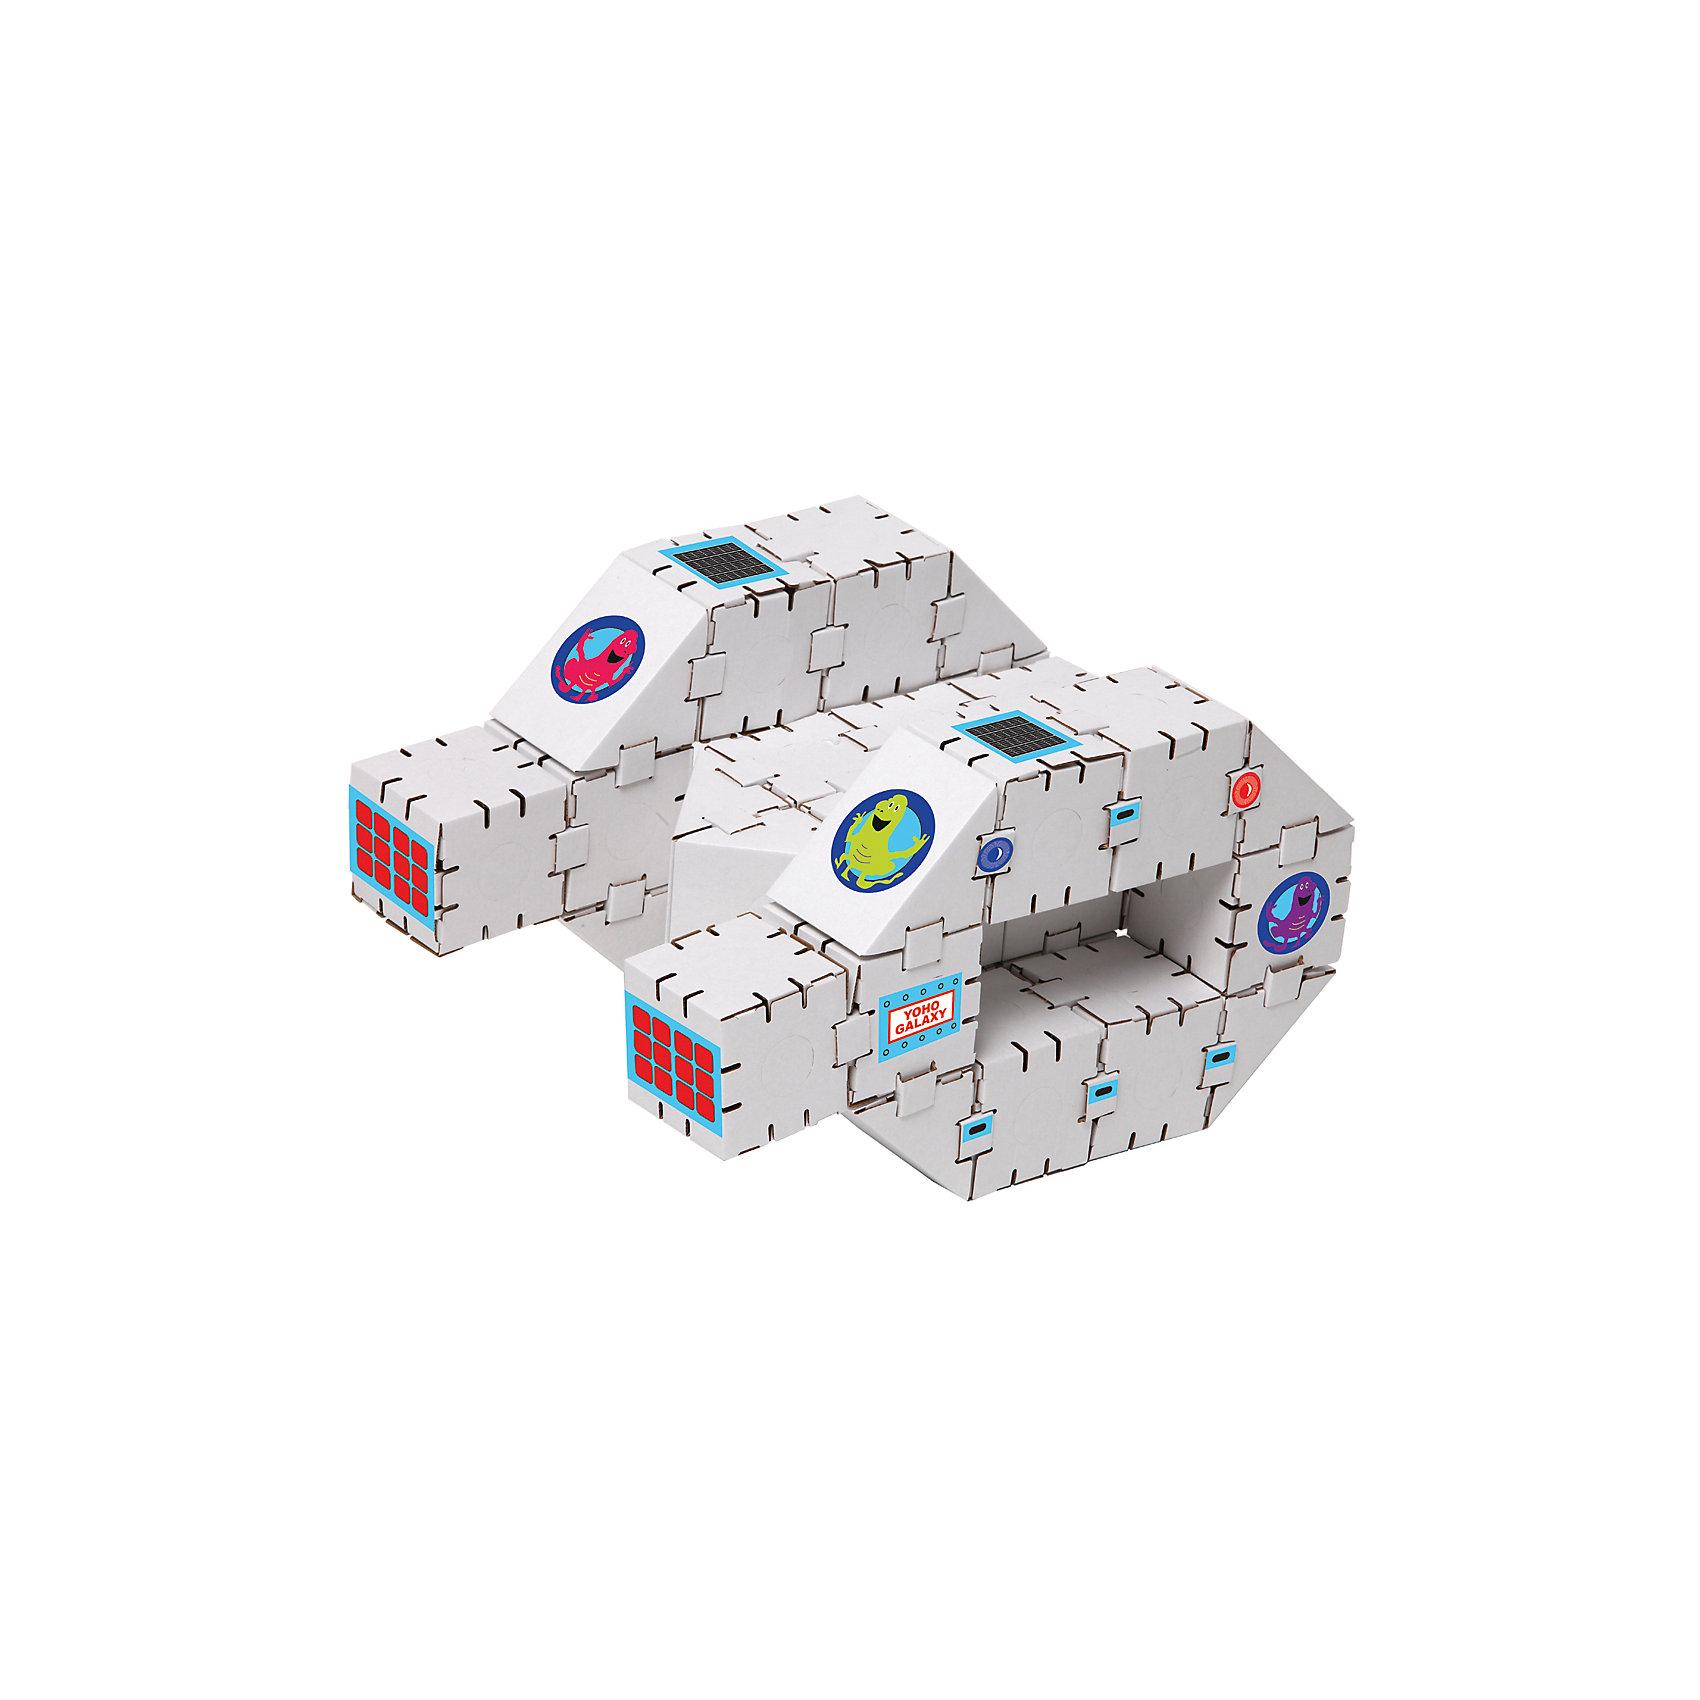 Картонный конструктор Звездолет, YohocubeБренды конструкторов<br>Картонный конструктор Звездолет, Yohocube (Йохокуб). <br><br>Характеристика:<br><br>• Материал: усиленный картон (1,5 мм). <br>• Размер упаковки: 37х31х5,5 см. <br>• Размер одного кубика: 8 см. <br>• 34 детали. <br>• Оригинальный дизайн. <br>• Развивает моторику рук, внимание, пространственное мышление и воображение. <br><br>С помощью этого набора ваш ребенок сможет собрать настоящий звездолет. Все детали набора выполнены из прочного экологичного картона, они надежно и легко крепятся друг к другу, не рассыпаются и не мнутся. Прекрасный подарок на любой праздник! <br>Конструирование - отличный вид творческой деятельности, в процессе которого развивается внимание, моторика рук, пространственное мышление и воображение. <br><br>Картонный конструктор Звездолет, Yohocube (Йохокуб) можно купить в нашем интернет-магазине.<br><br>Ширина мм: 460<br>Глубина мм: 360<br>Высота мм: 60<br>Вес г: 960<br>Возраст от месяцев: 72<br>Возраст до месяцев: 144<br>Пол: Унисекс<br>Возраст: Детский<br>SKU: 5154040